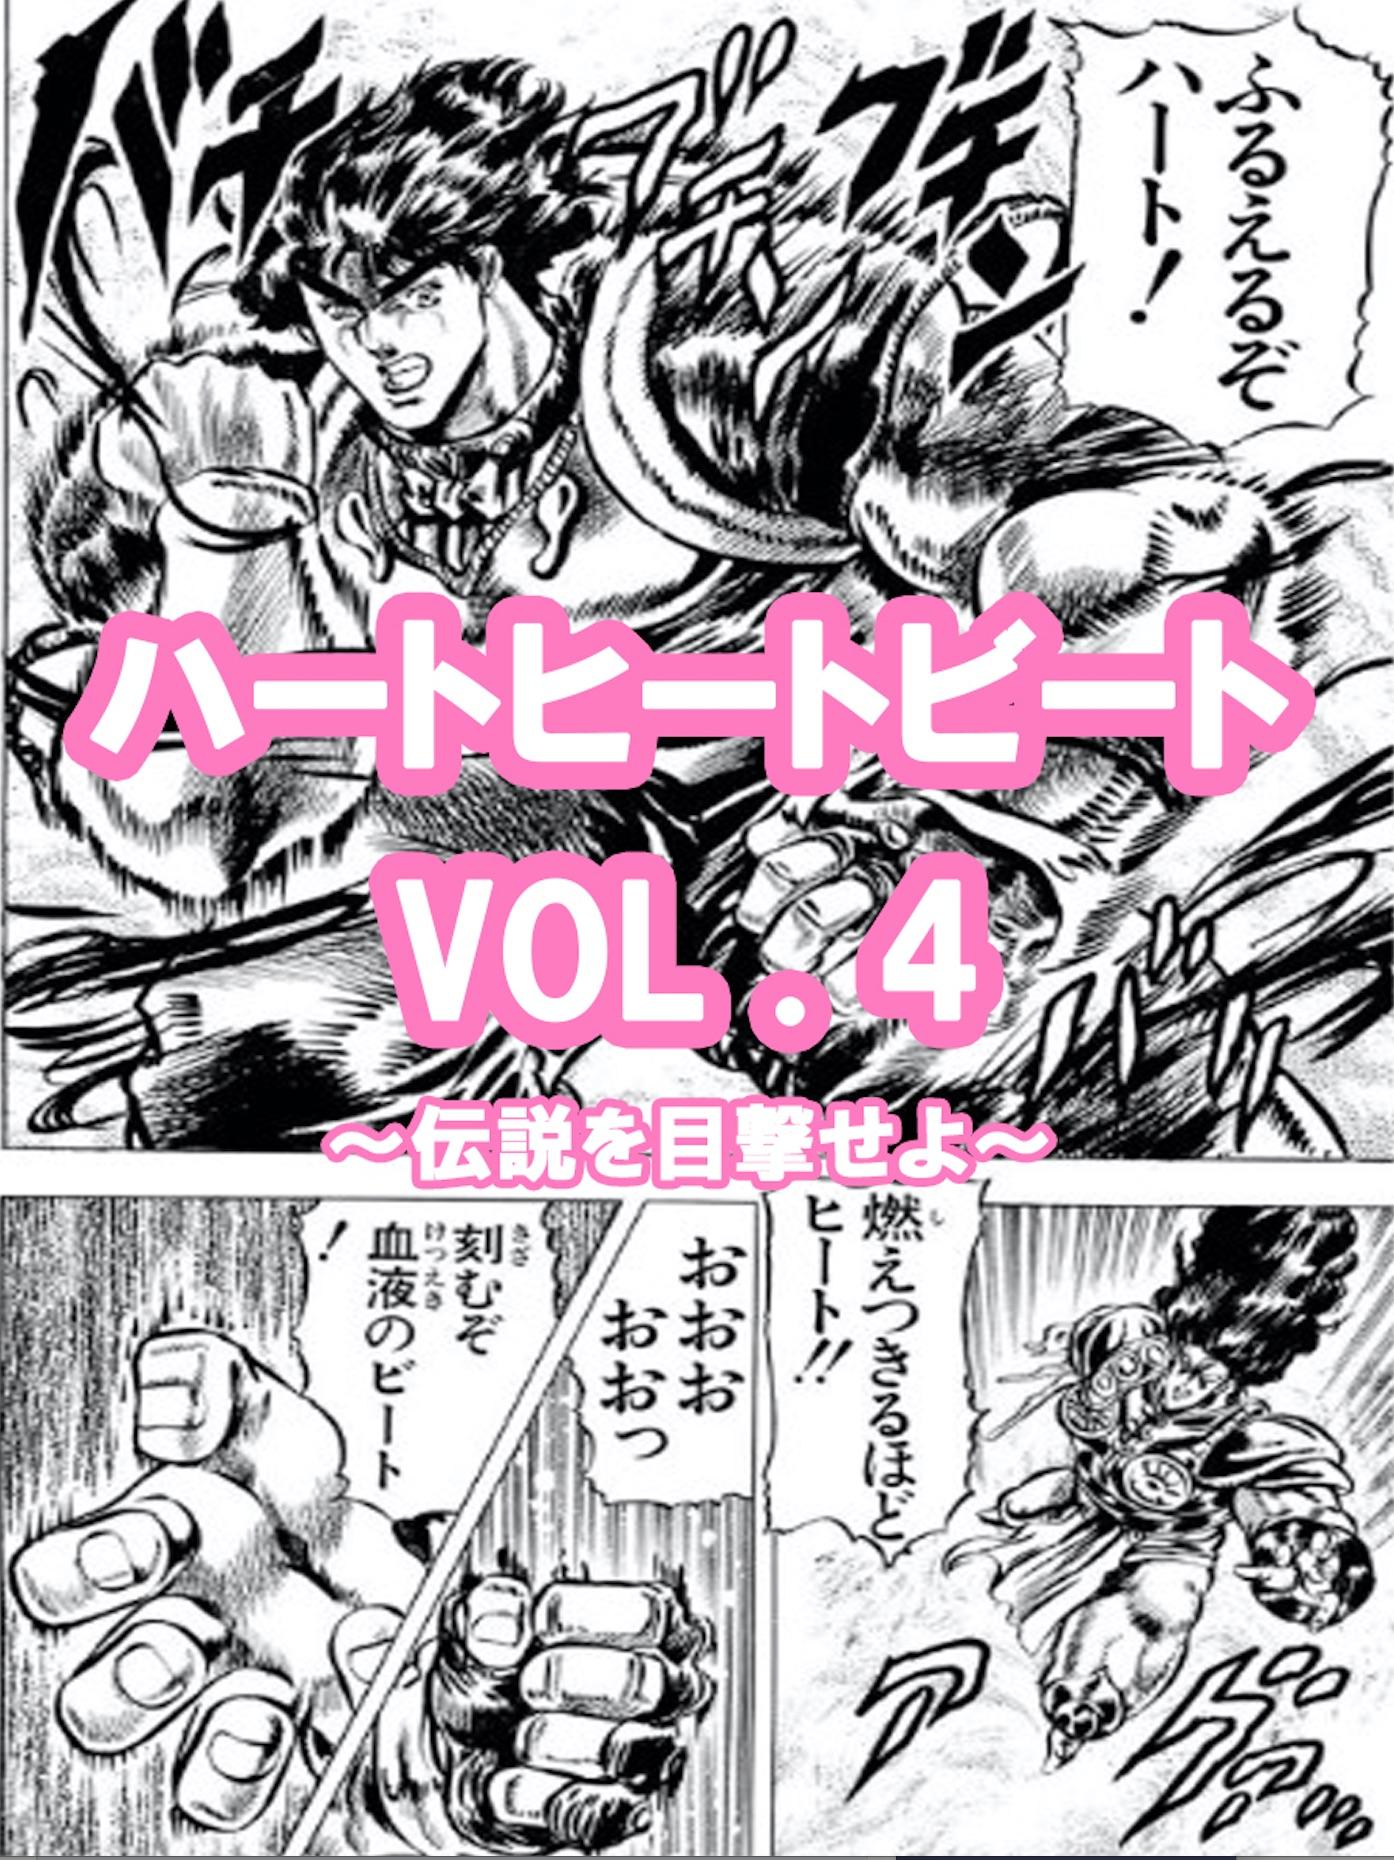 ハートヒートビート vol.4 (フリーライブ)